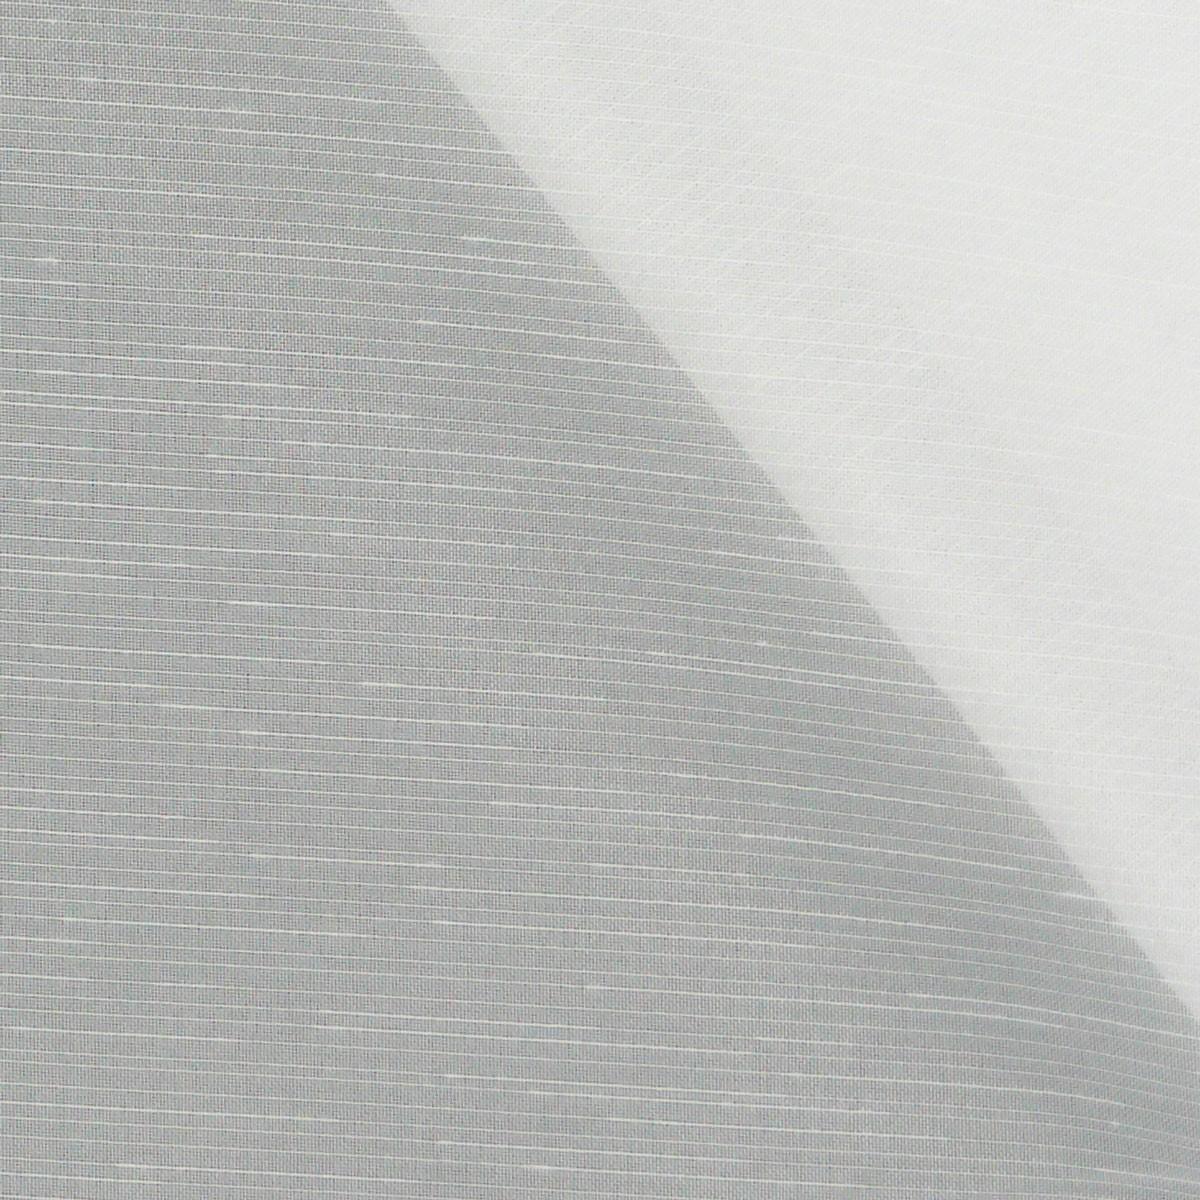 gardinenstoff meterware wei streifen mit d nnen streifen 1 8m h he stoffe wohnstoffe. Black Bedroom Furniture Sets. Home Design Ideas